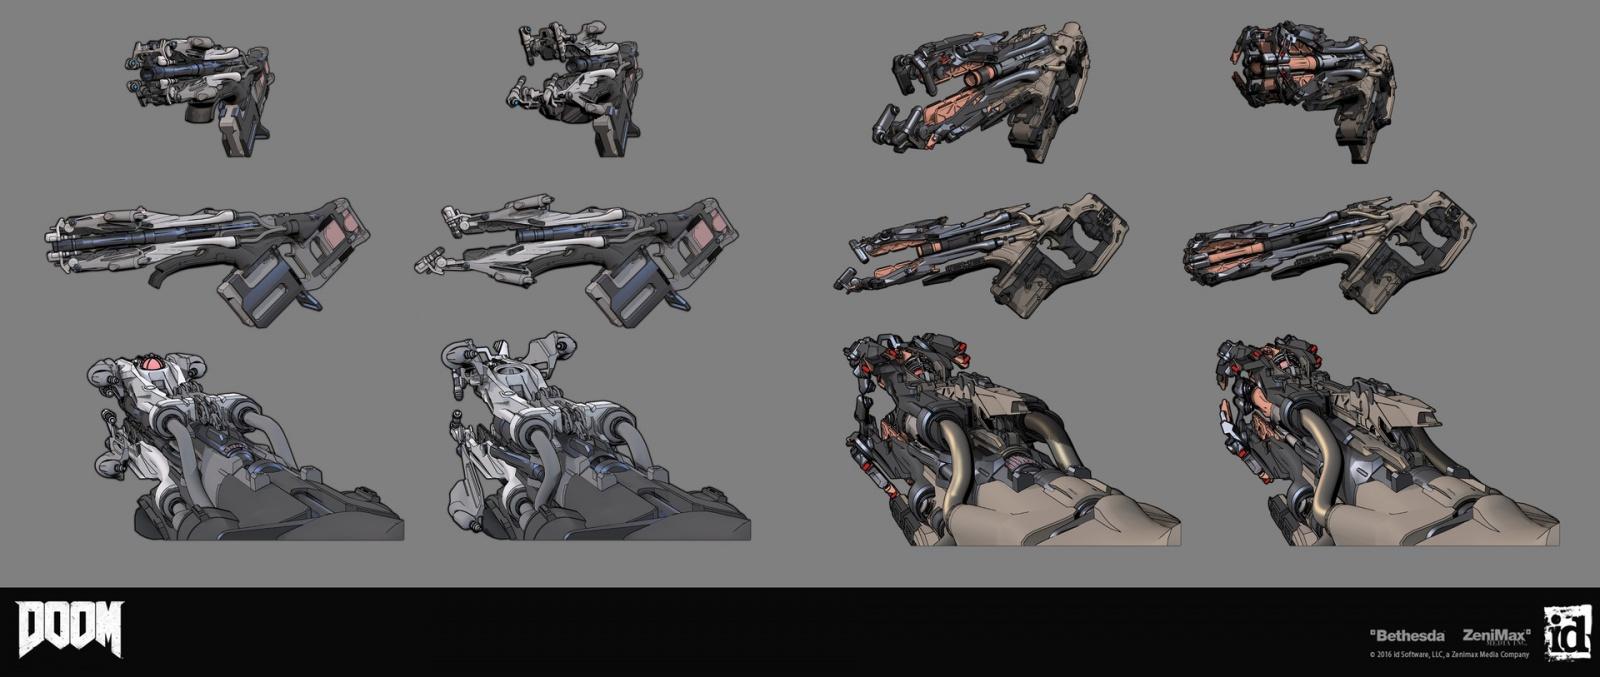 Как создавались пушки для Doom - 11